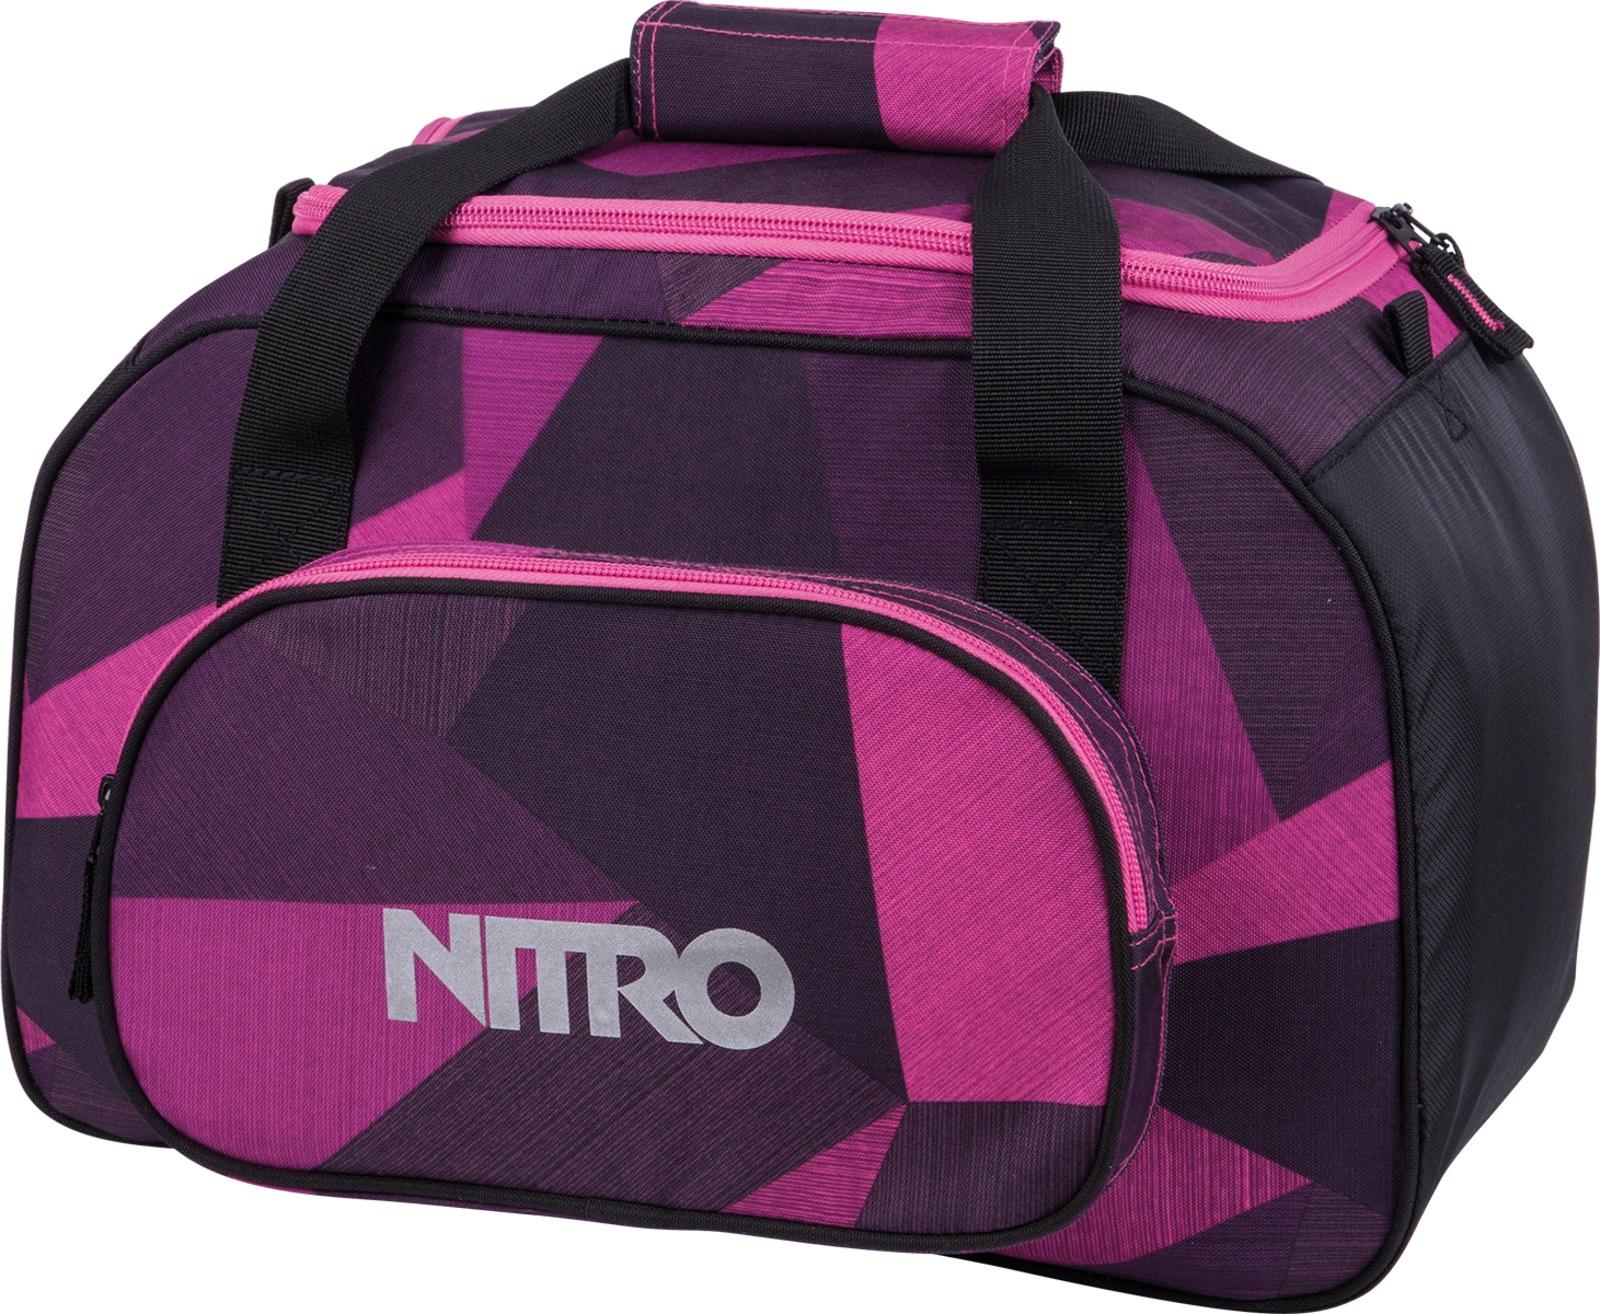 Nitro taška Team Duffle BAG XS fragments purple 35L